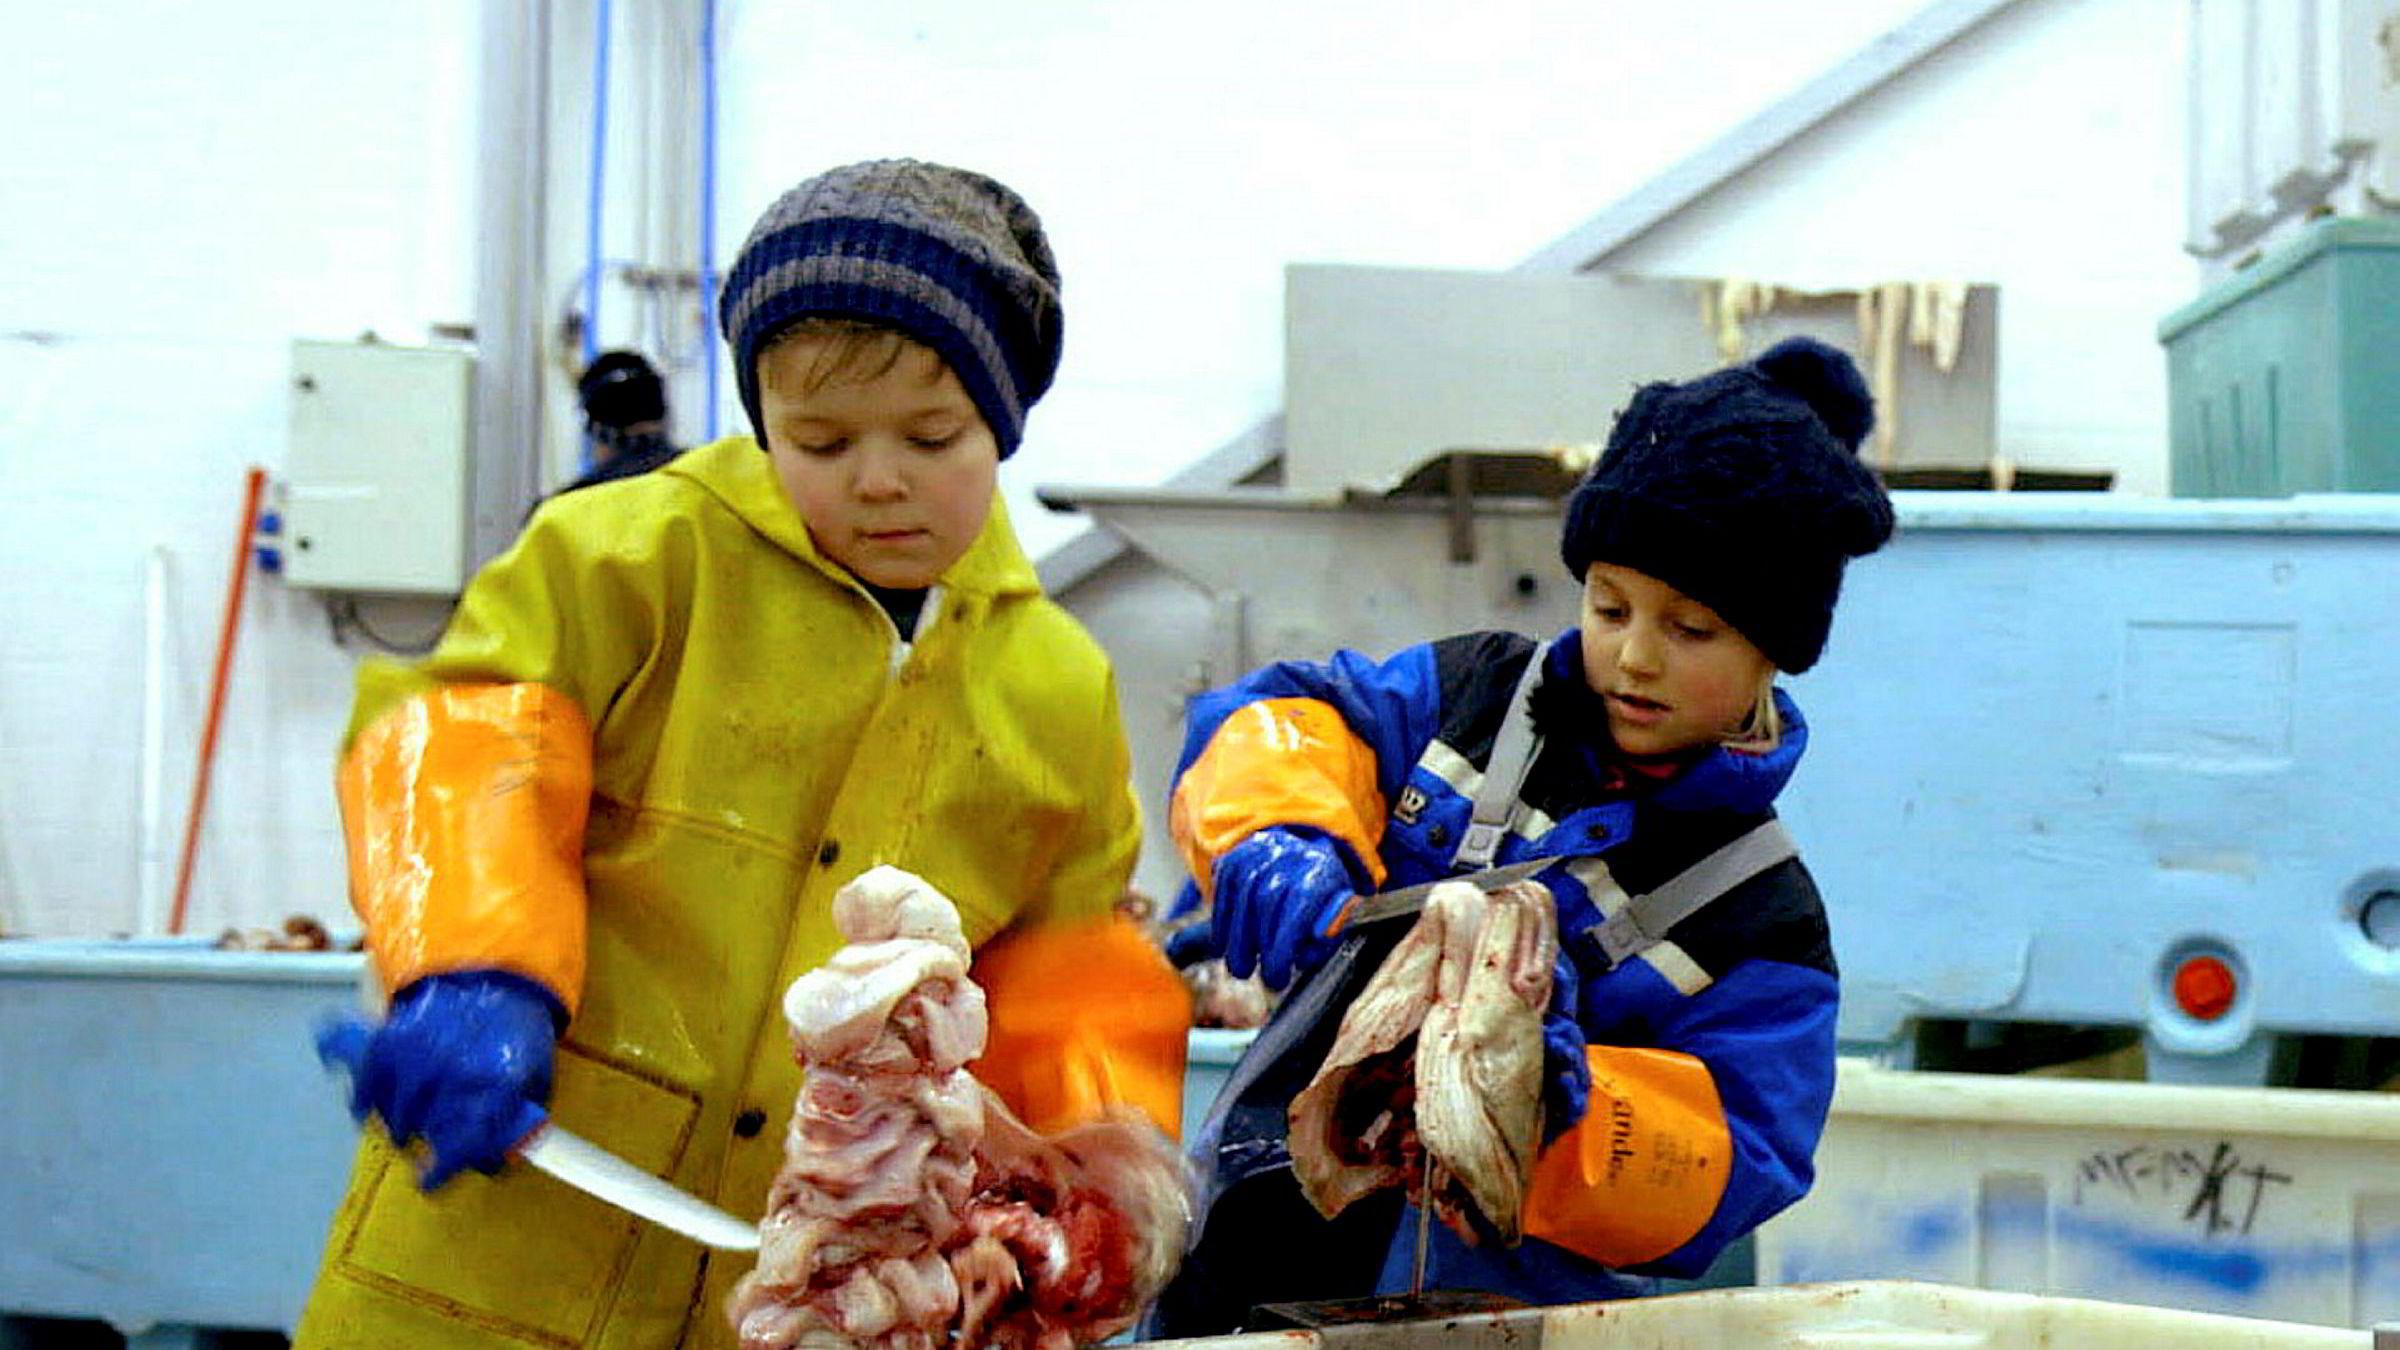 Byjenta Ylva møter på fiskemottaket i Øksnes i Vesterålen sammen med kameraten Tobias og får helt andre opplevelser enn dem hun er vant til.